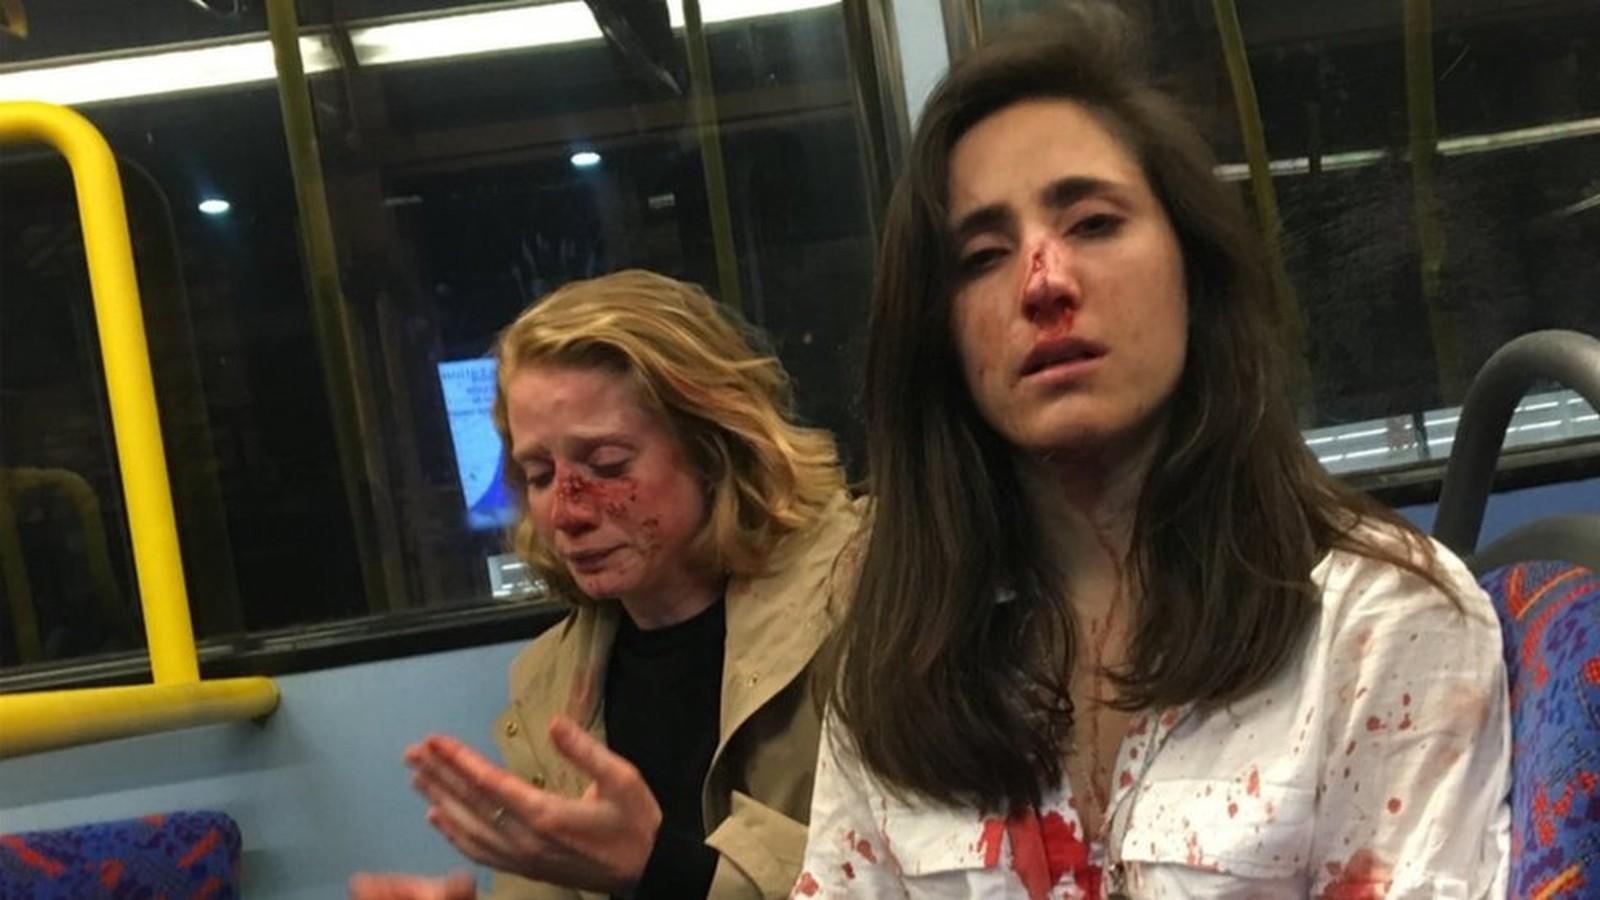 Polícia de Londres prende 5º suspeito de agredir lésbicas em ônibus - Imagem 1